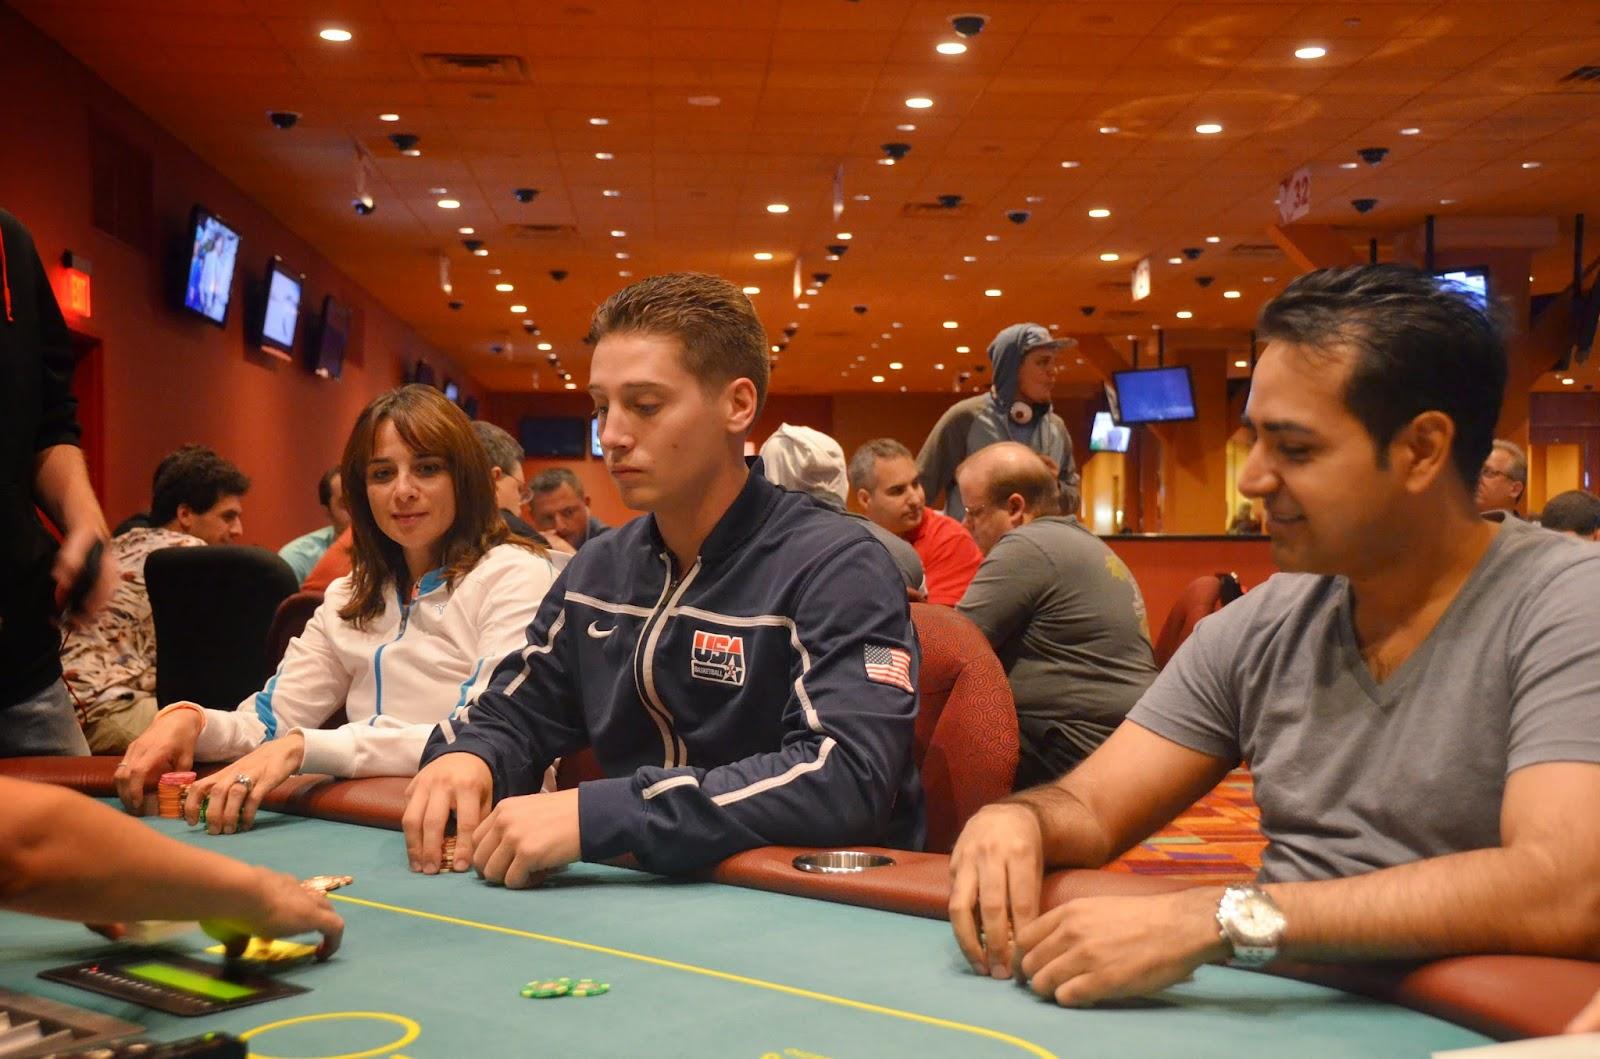 Craig bateman poker patin a roulette artistique homme